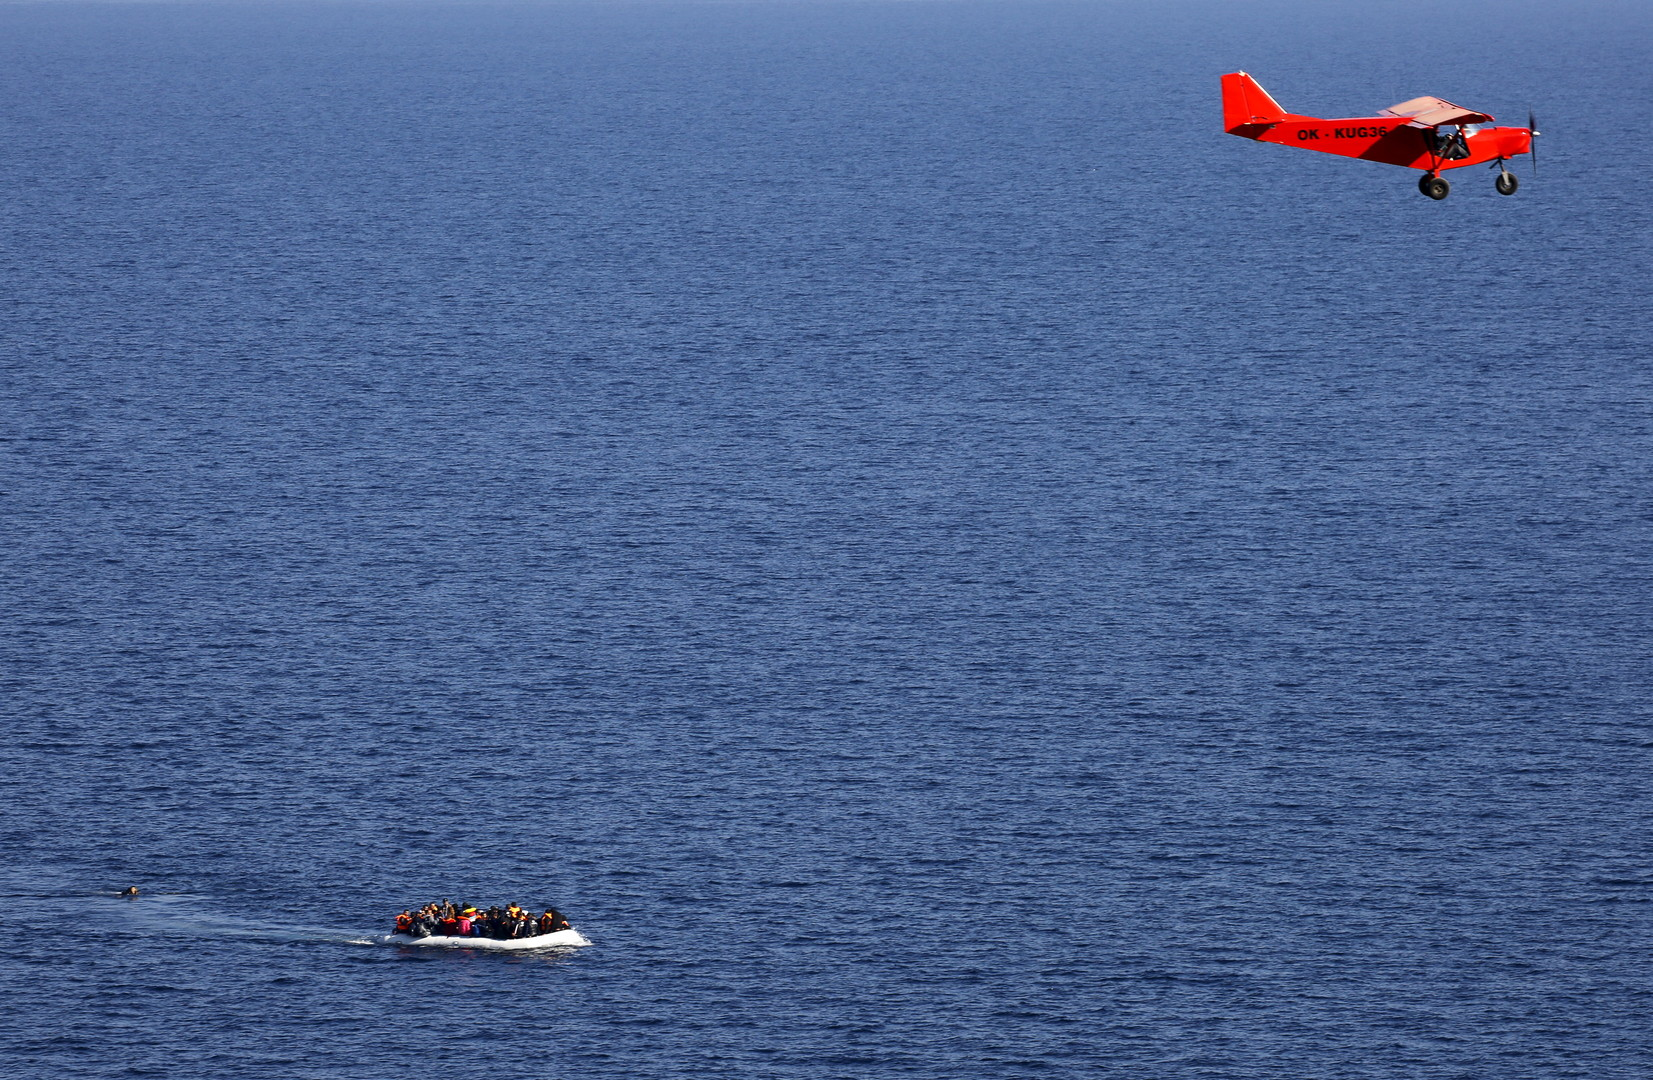 Un avion de Frontex survol une embarcation à destination de l'île grecque de Lesbos